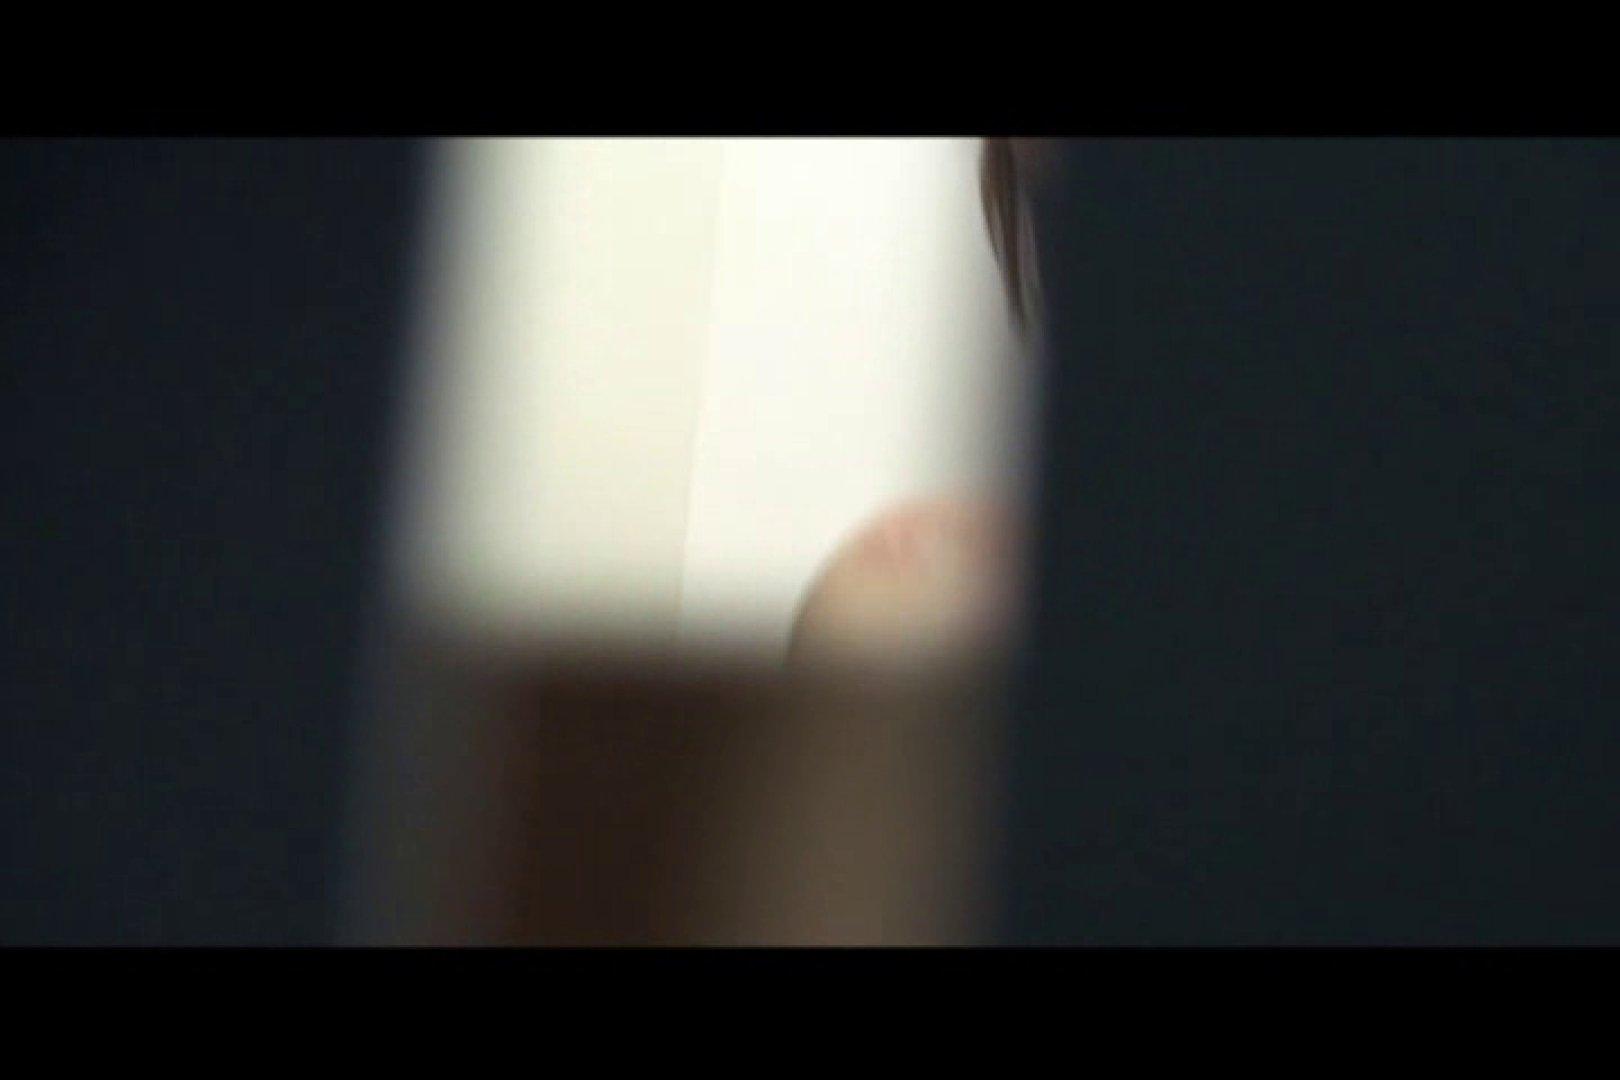 独占配信!無修正! 看護女子寮 vol.12 OLのエロ生活 | ナースのエロ生活  86連発 29